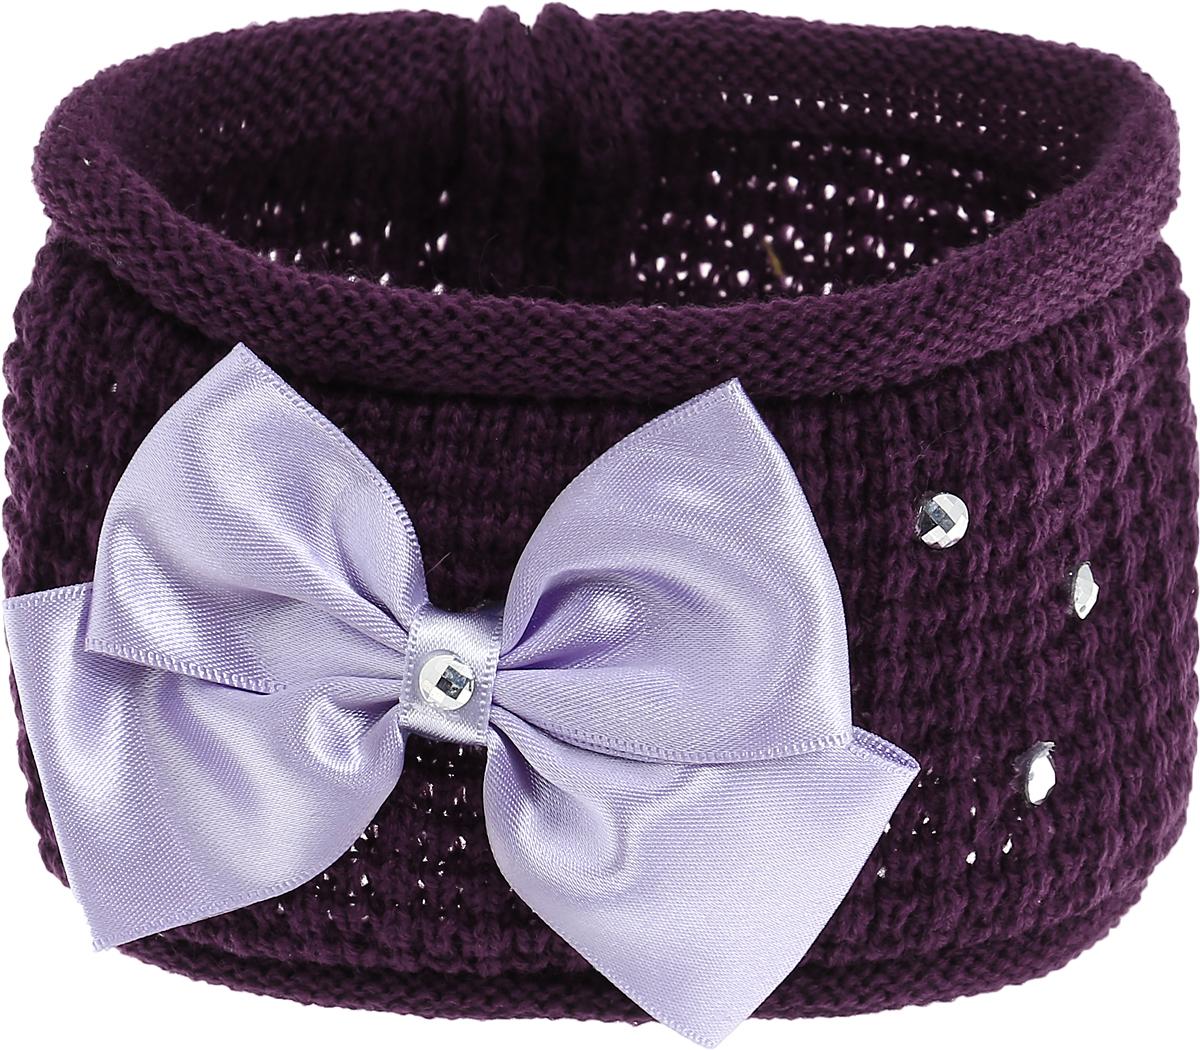 Baby's Joy Повязка для волос цвет темно-фиолетовый сиреневый K 21 K 21_бордовый, фиолетовый